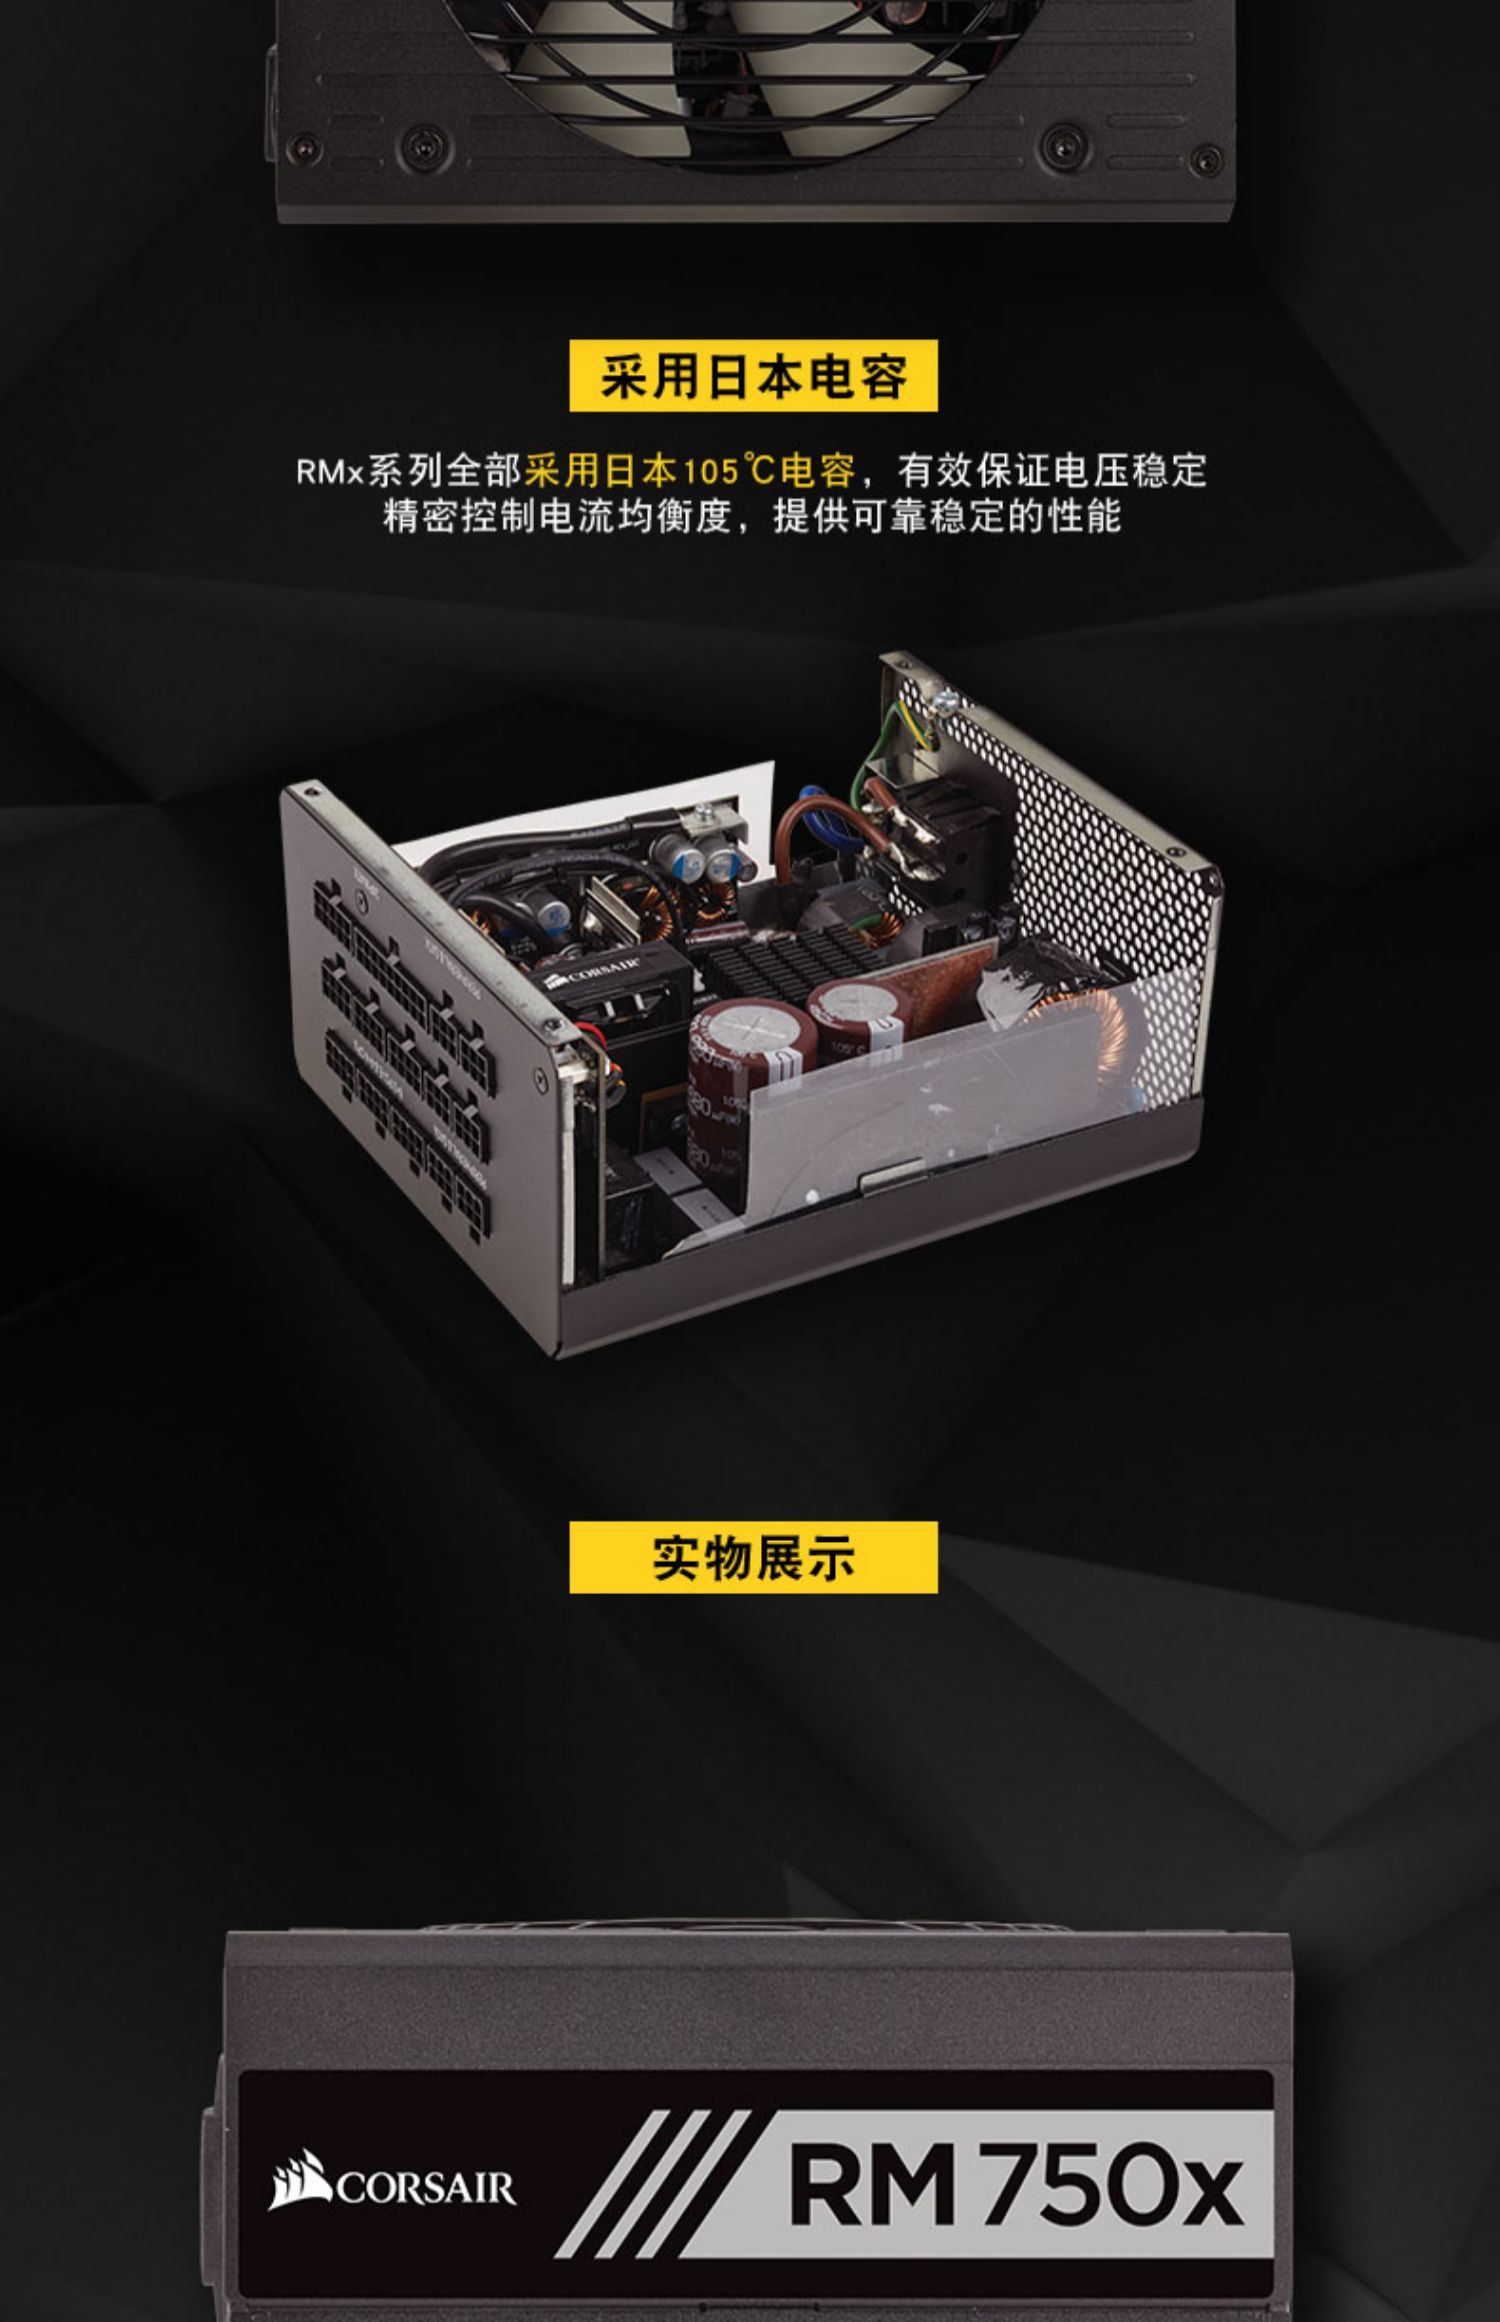 美商海盗船RM750x额定750W海盗船电源全模组金牌台式电脑主机静音商品详情图